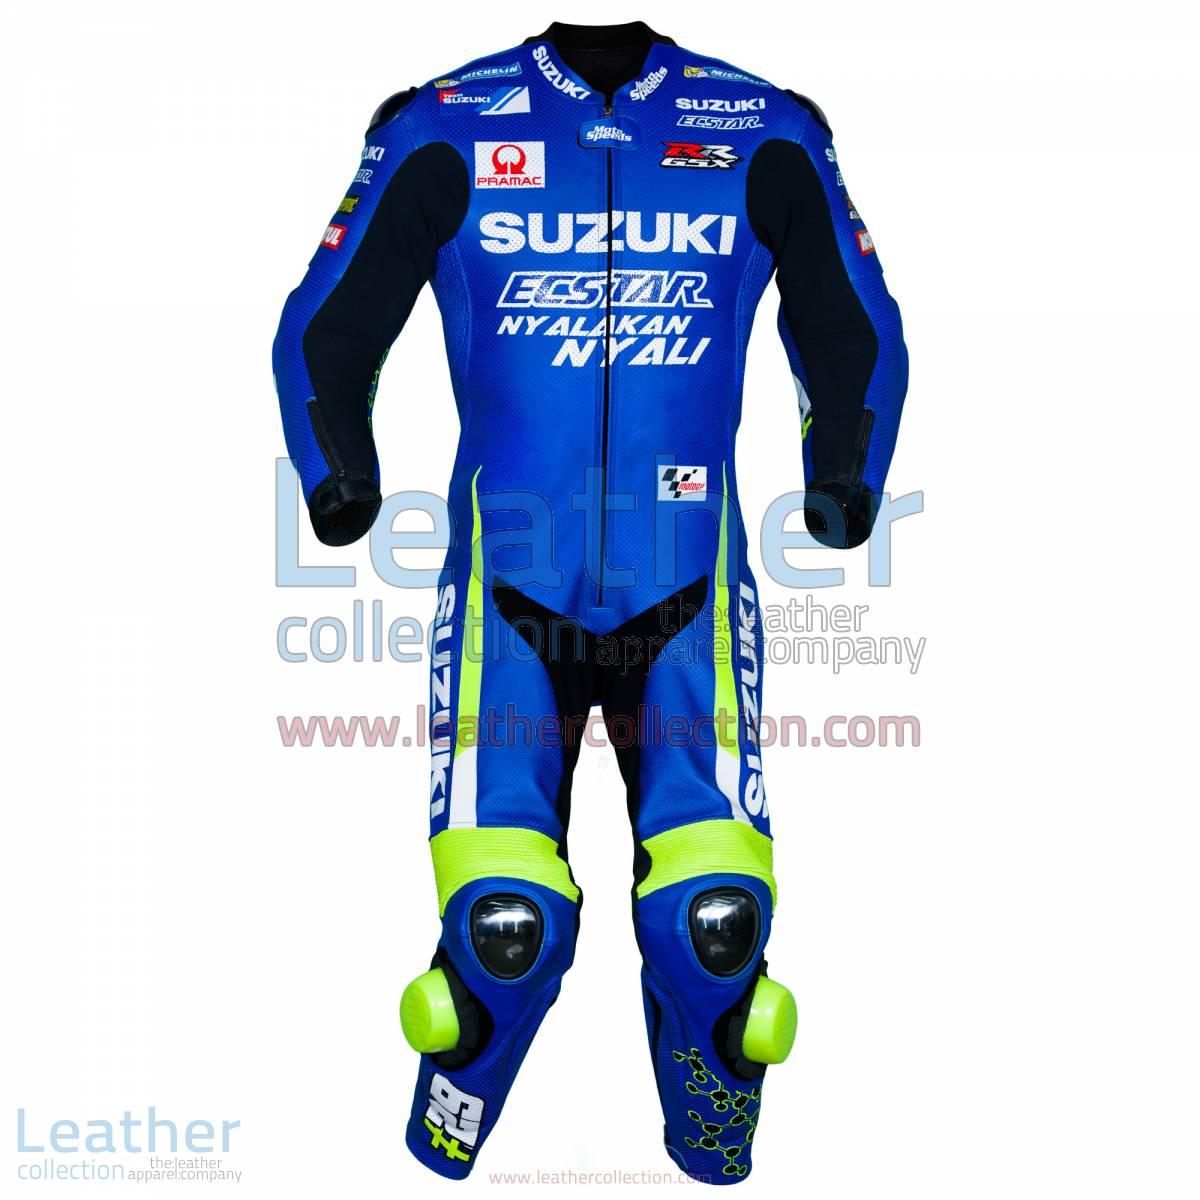 Andrea Iannone Suzuki MotoGP 2017 Racing Suit   Andrea Iannone Suzuki MotoGP 2017 Racing Suit